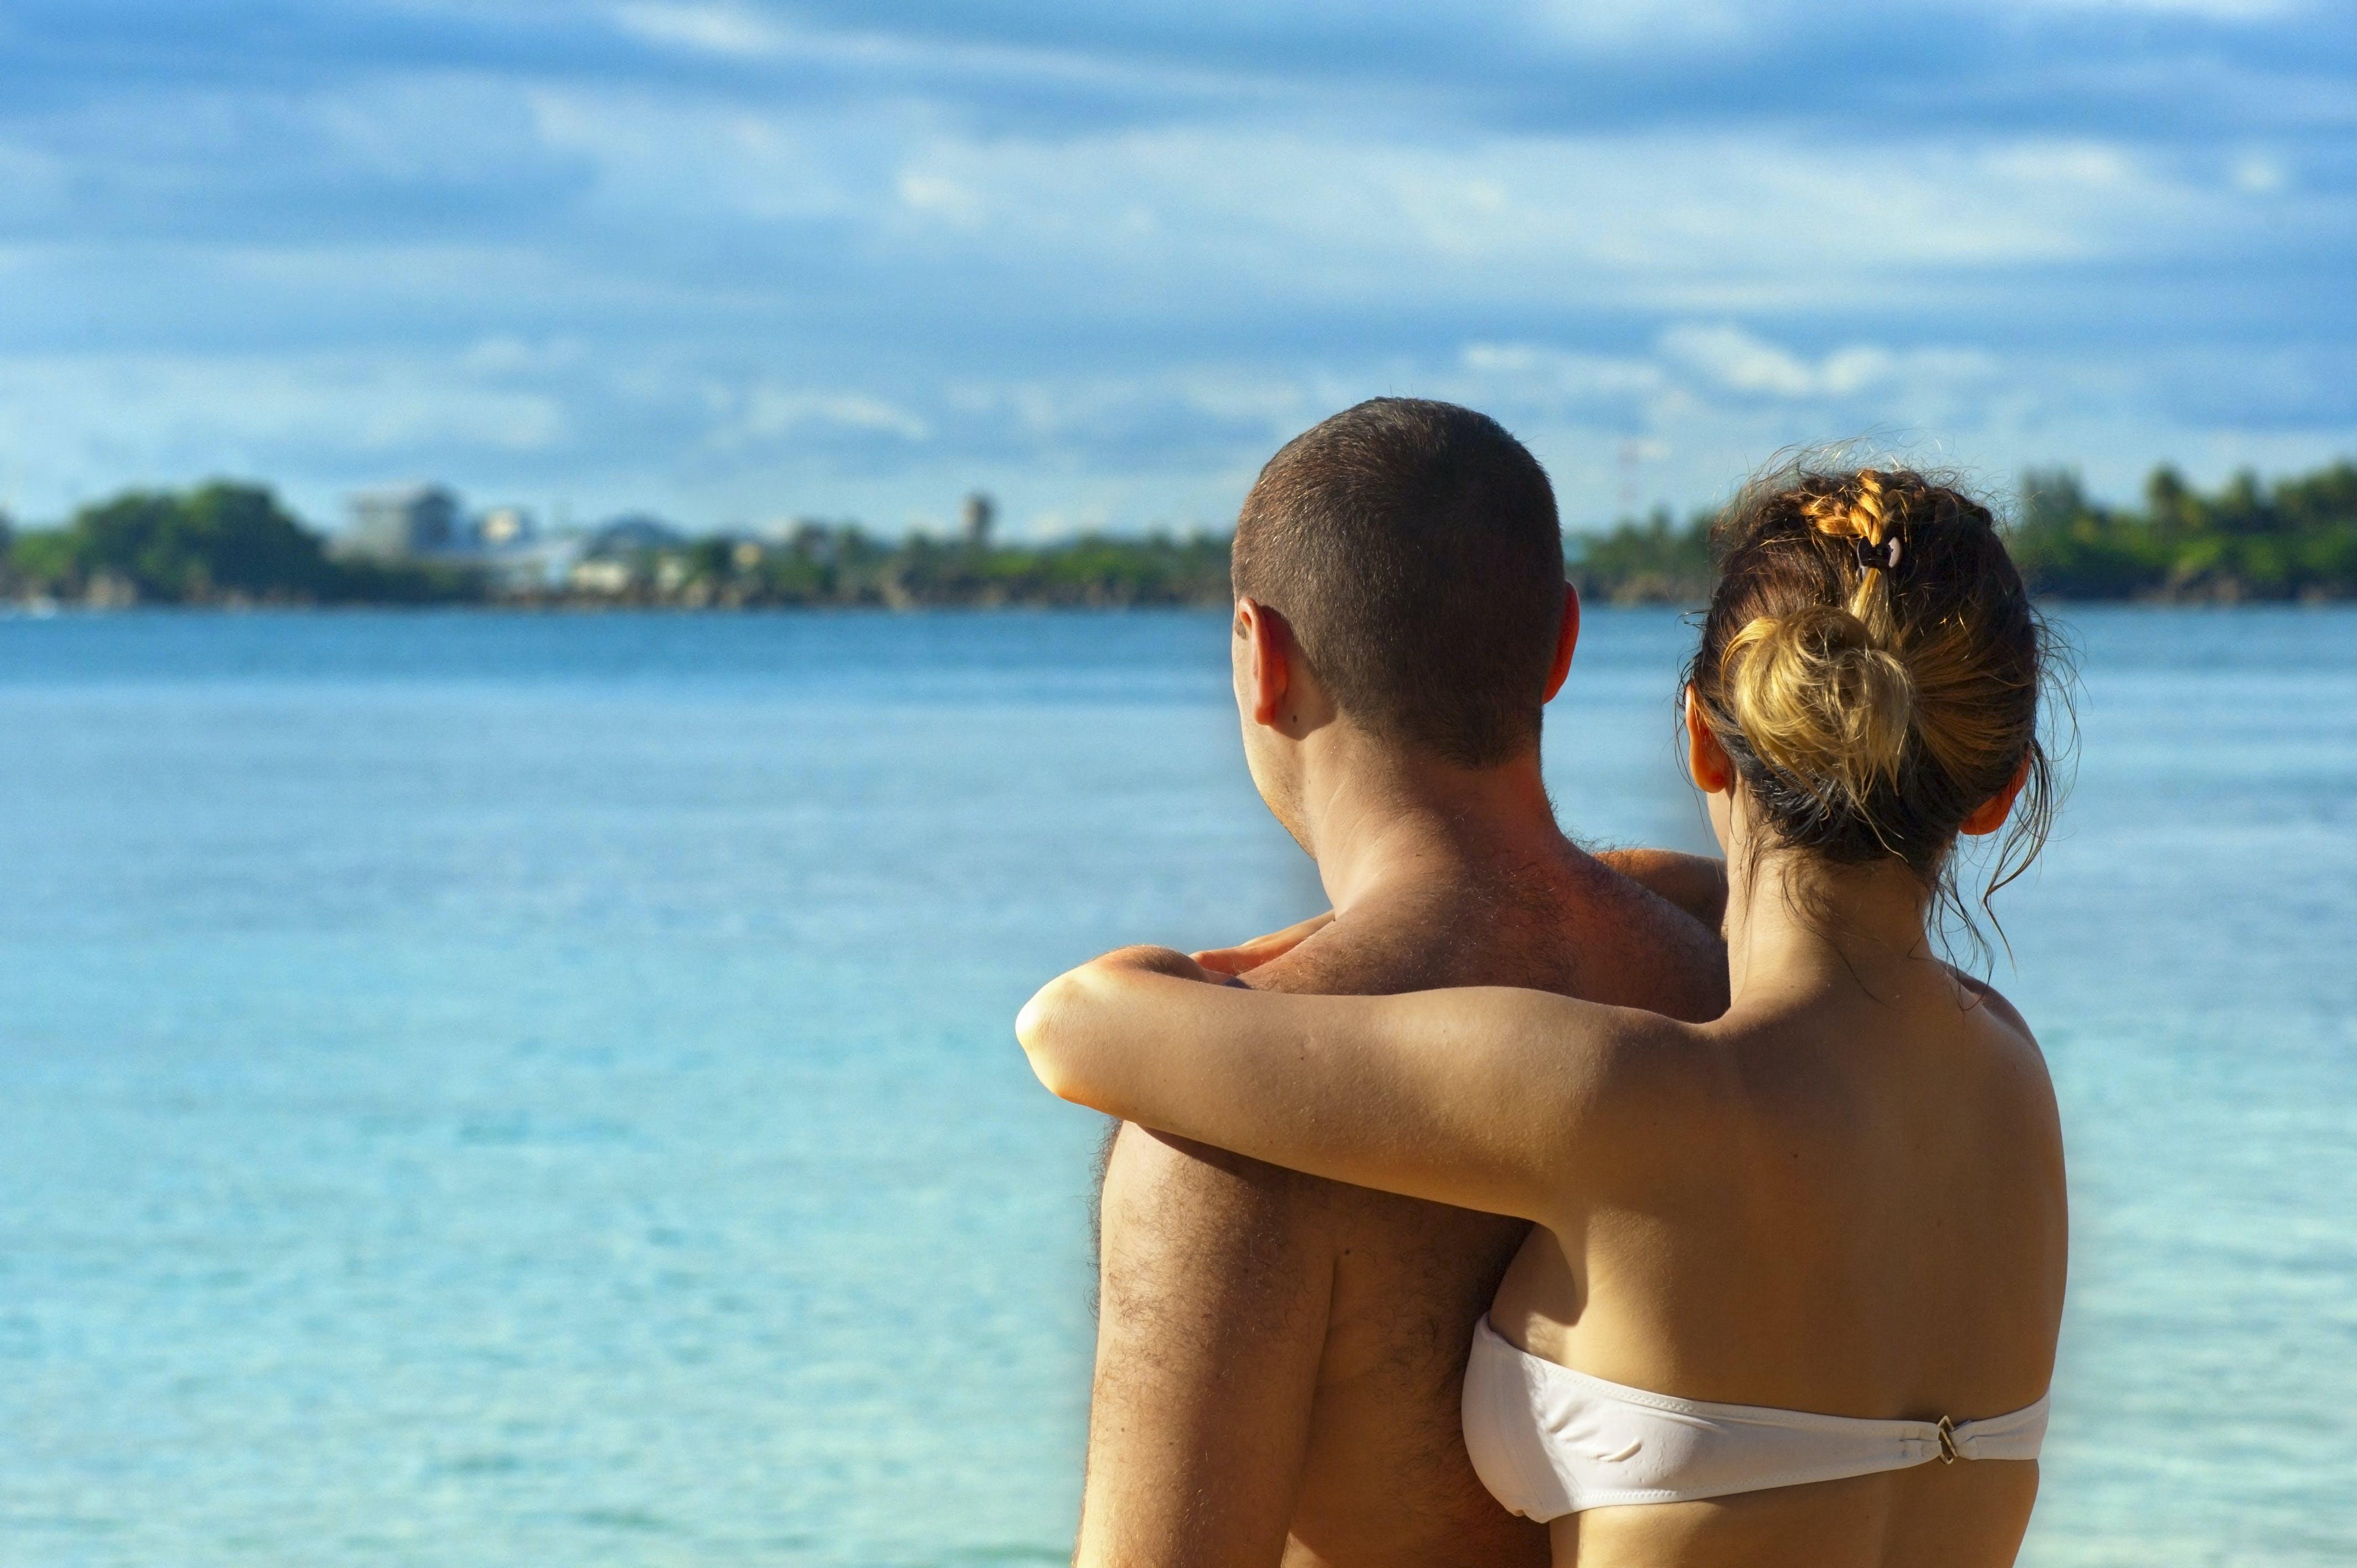 Kostenloses Stock Foto zu entspannung, erholung, erwachsener, ferien